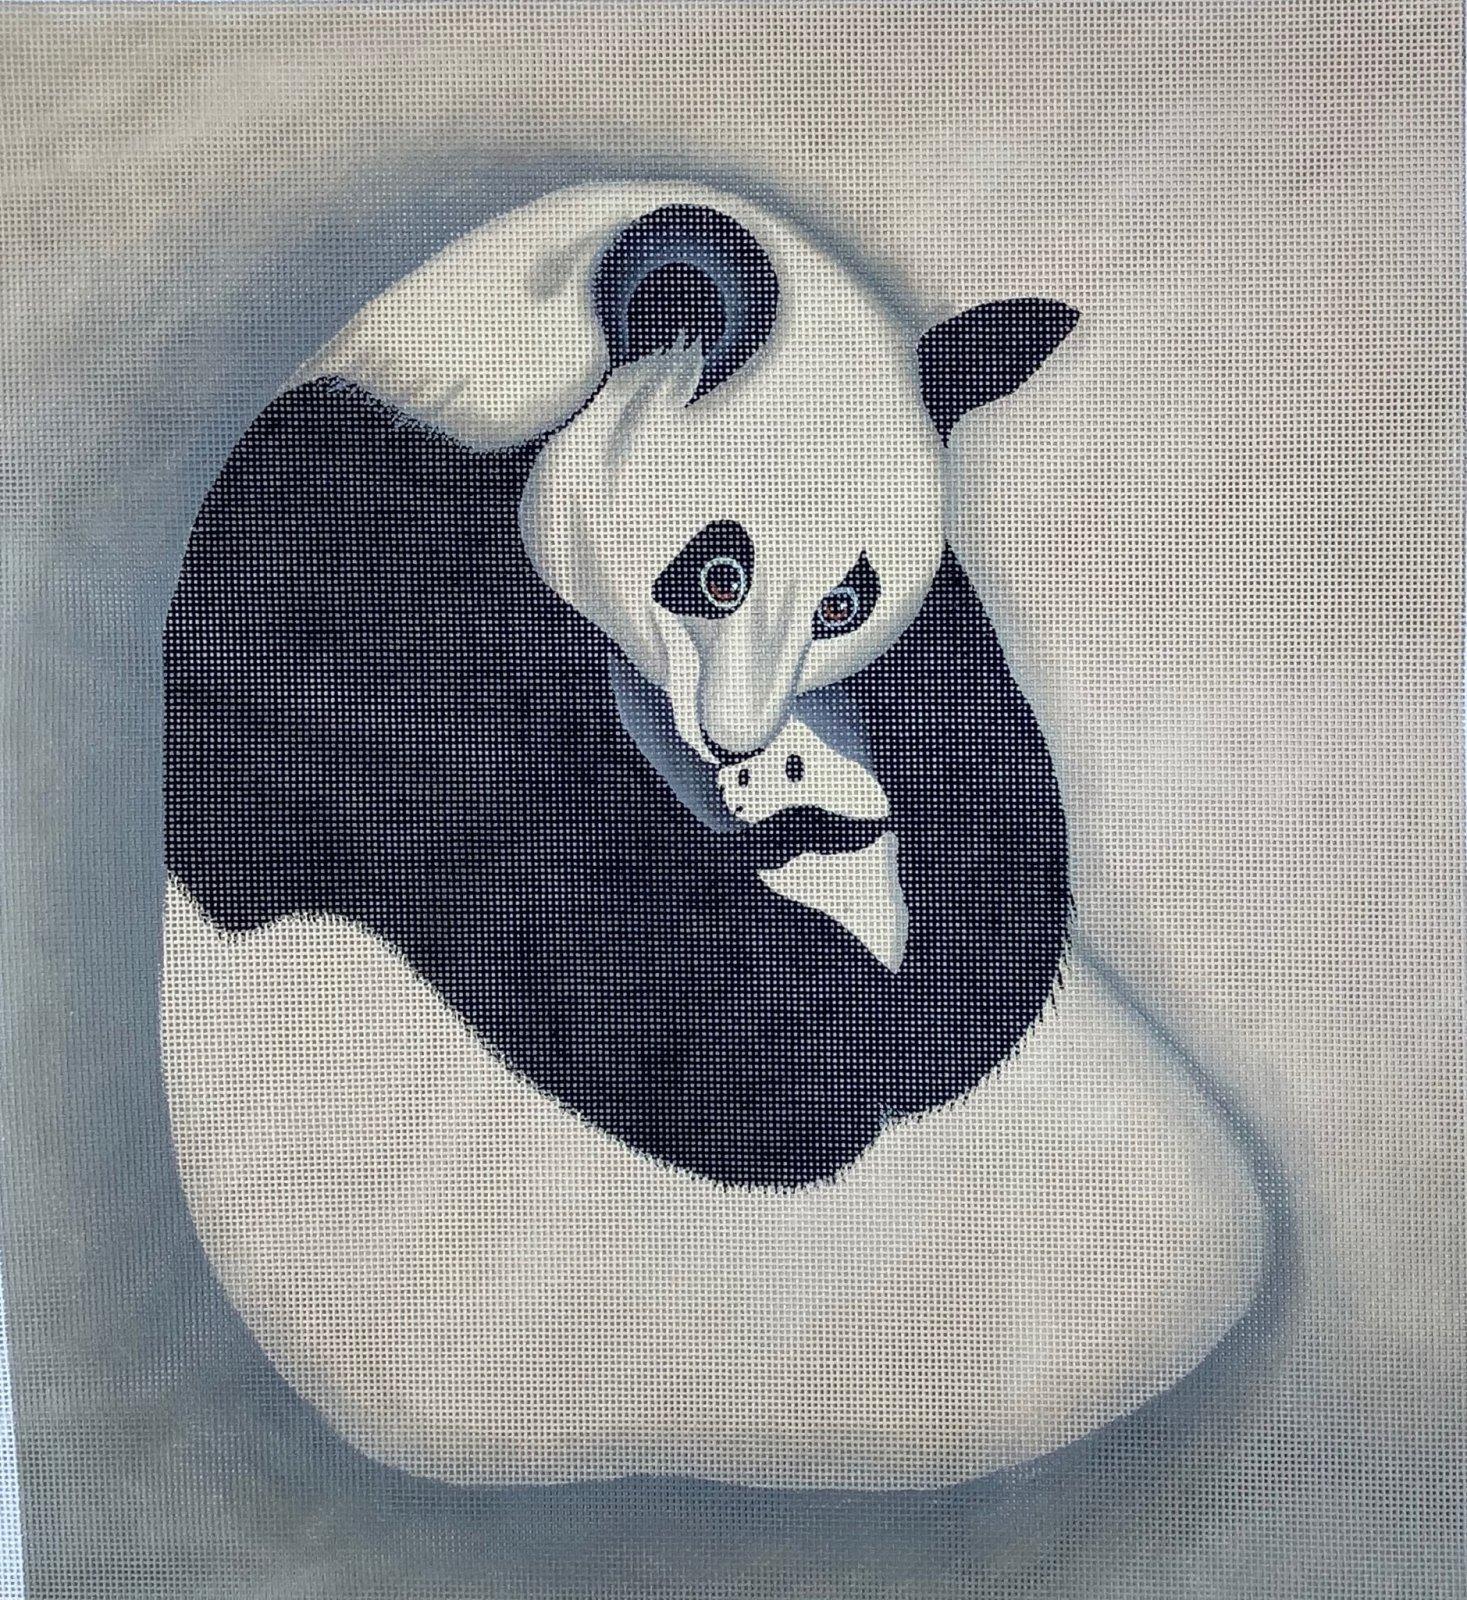 ZDBB Serenity Panda and Baby Zoo-Illogical